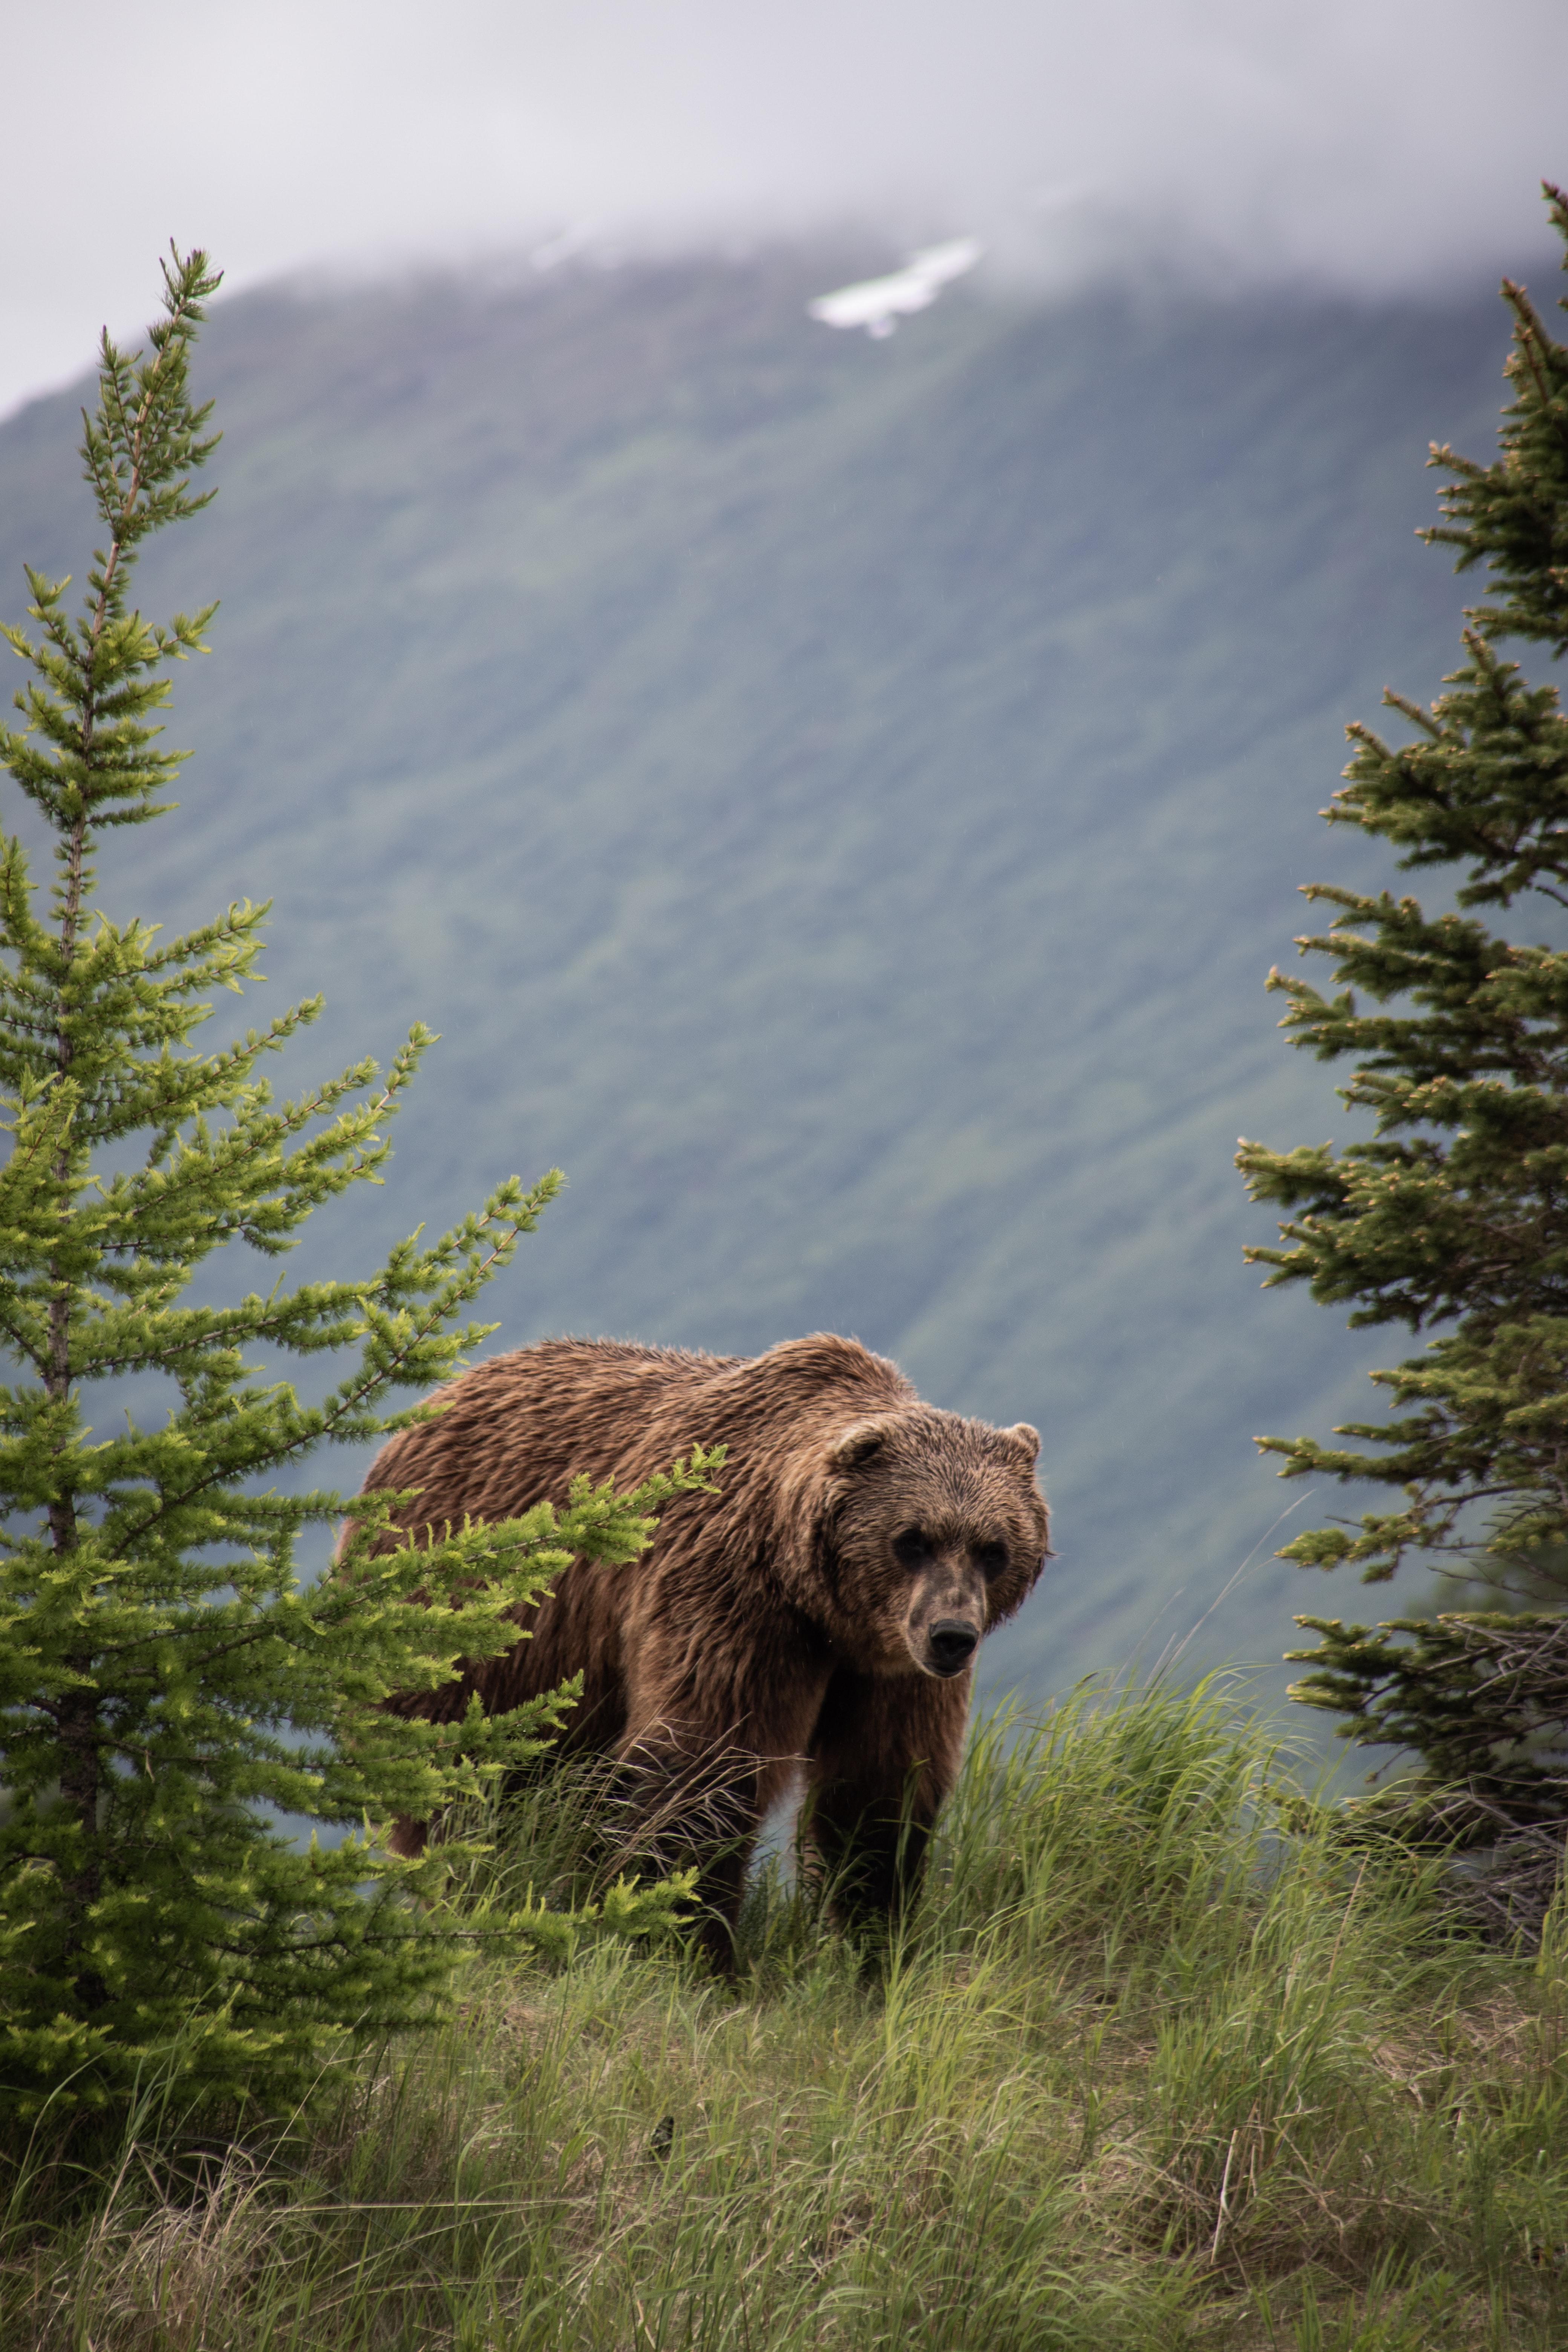 131978 Заставки и Обои Медведи на телефон. Скачать Медведи, Бурый Медведь, Животные, Деревья, Трава, Хищник картинки бесплатно